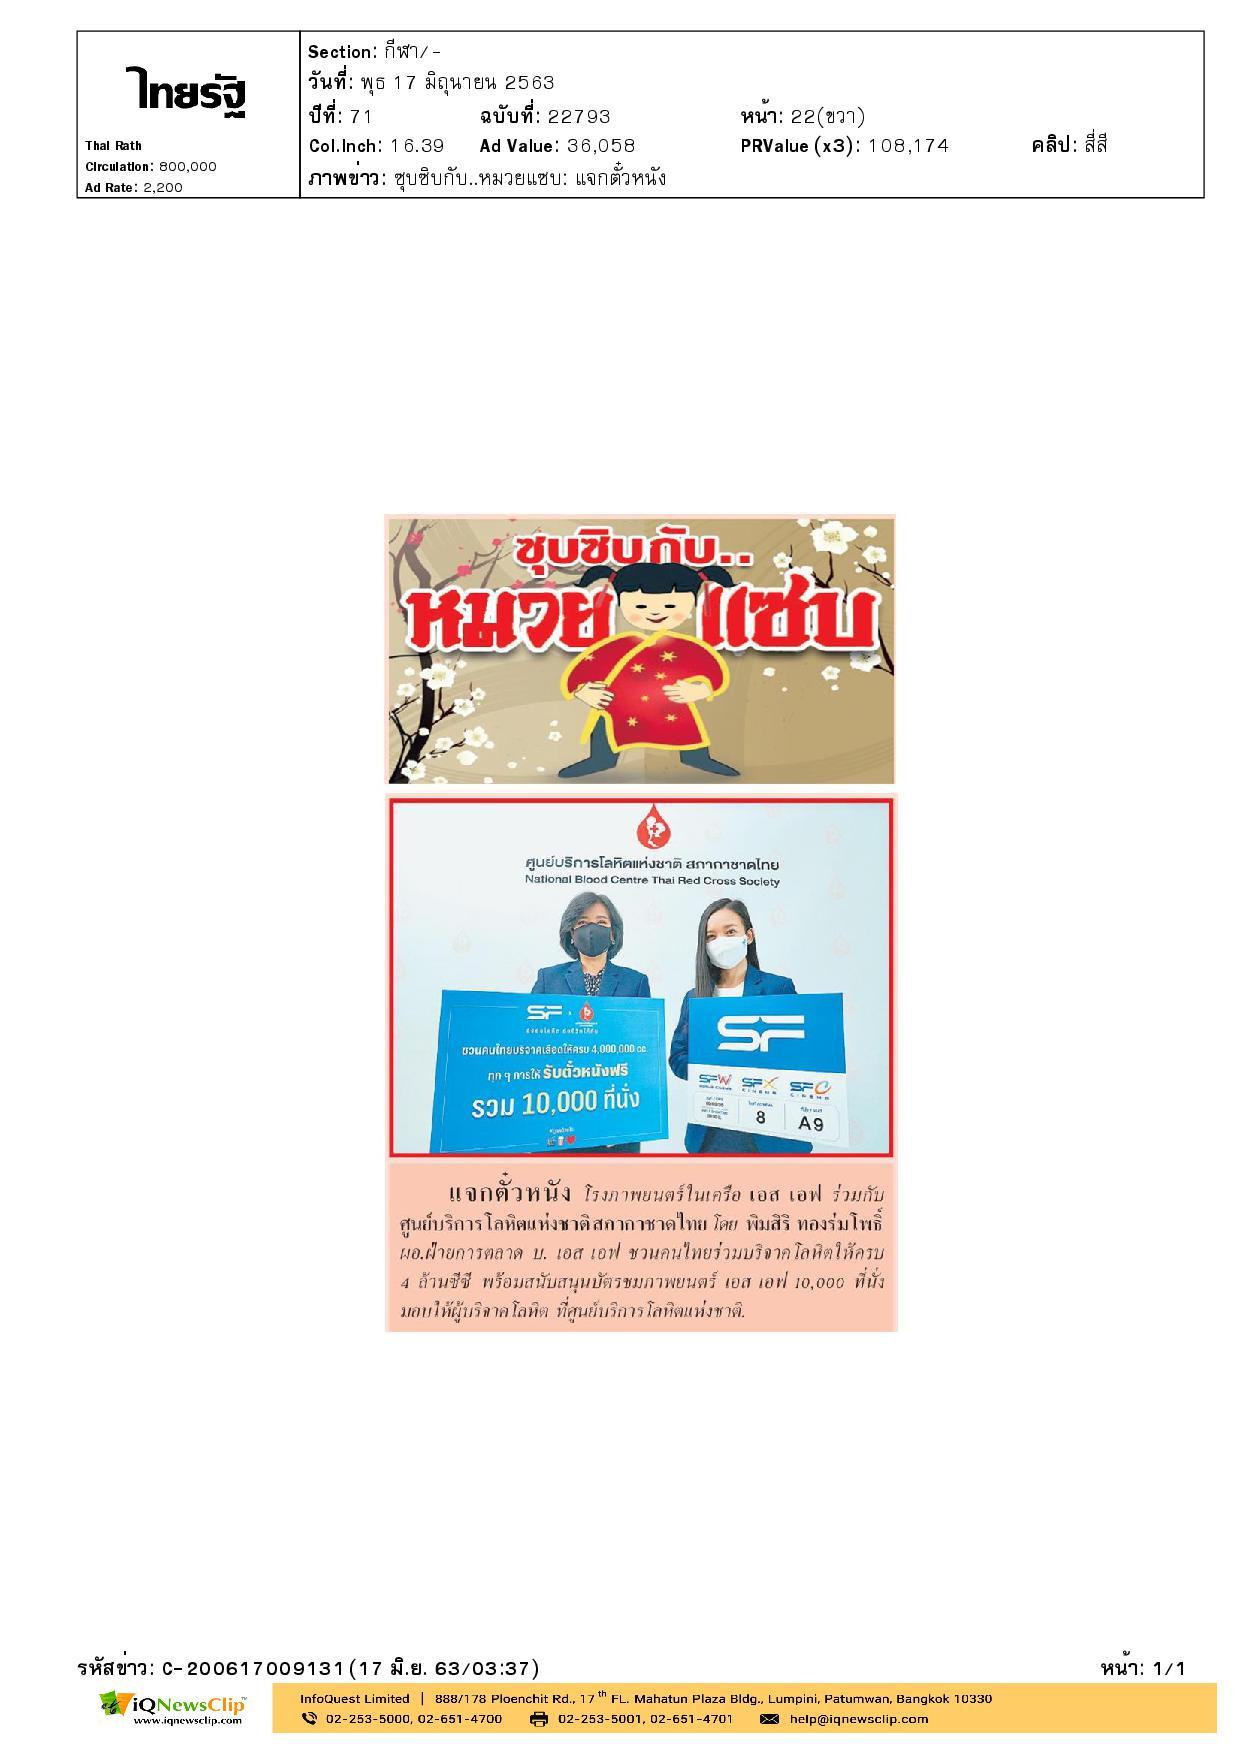 ชวนคนไทยบริจาคโลหิตรับตั๋วหนังฟรี